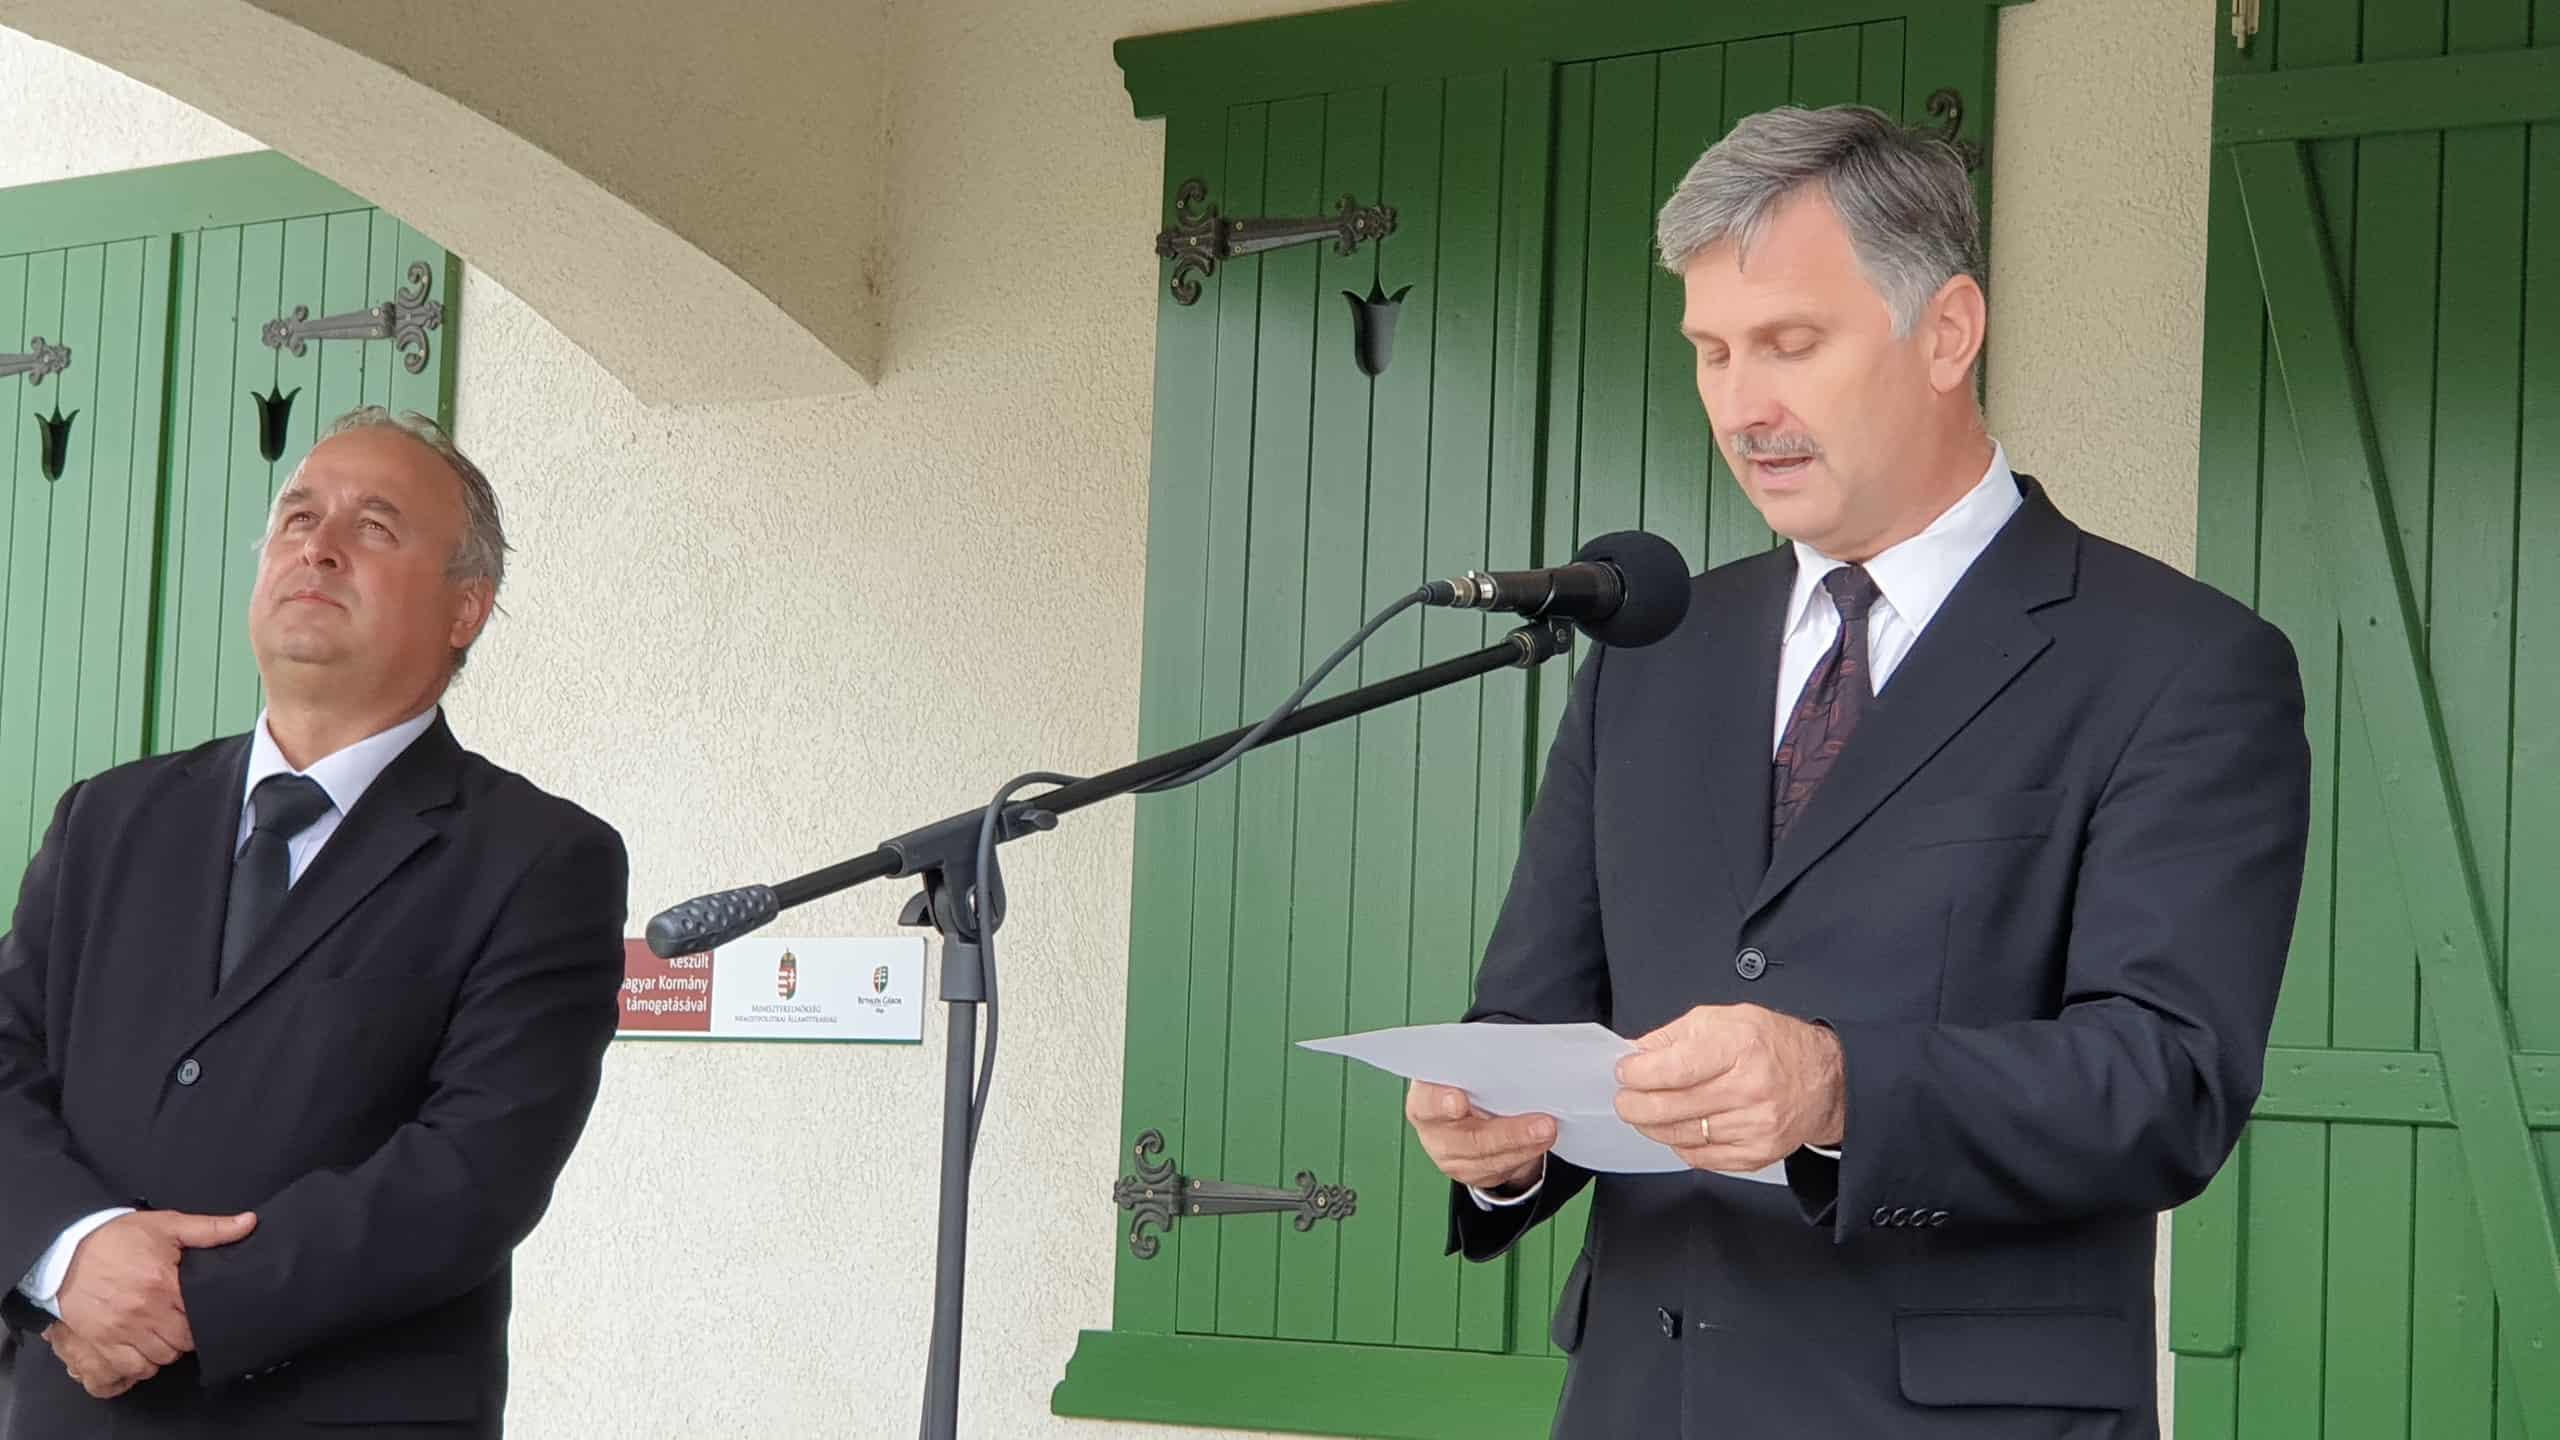 Pakulár István és Dobai Zoltán lelkészek